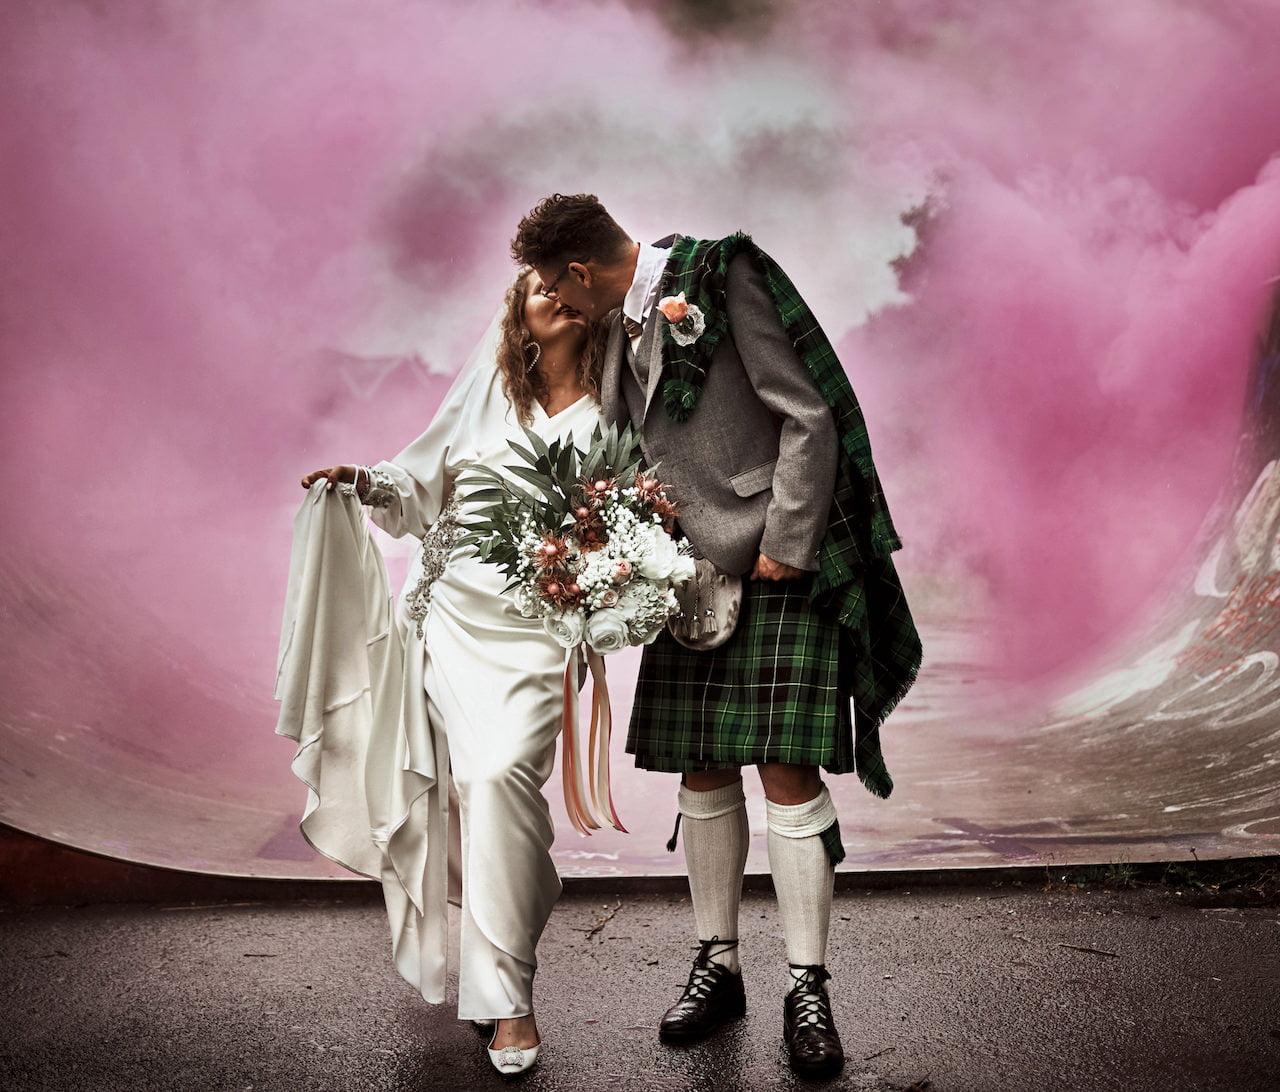 Wedding Smoke Bomb Photograps